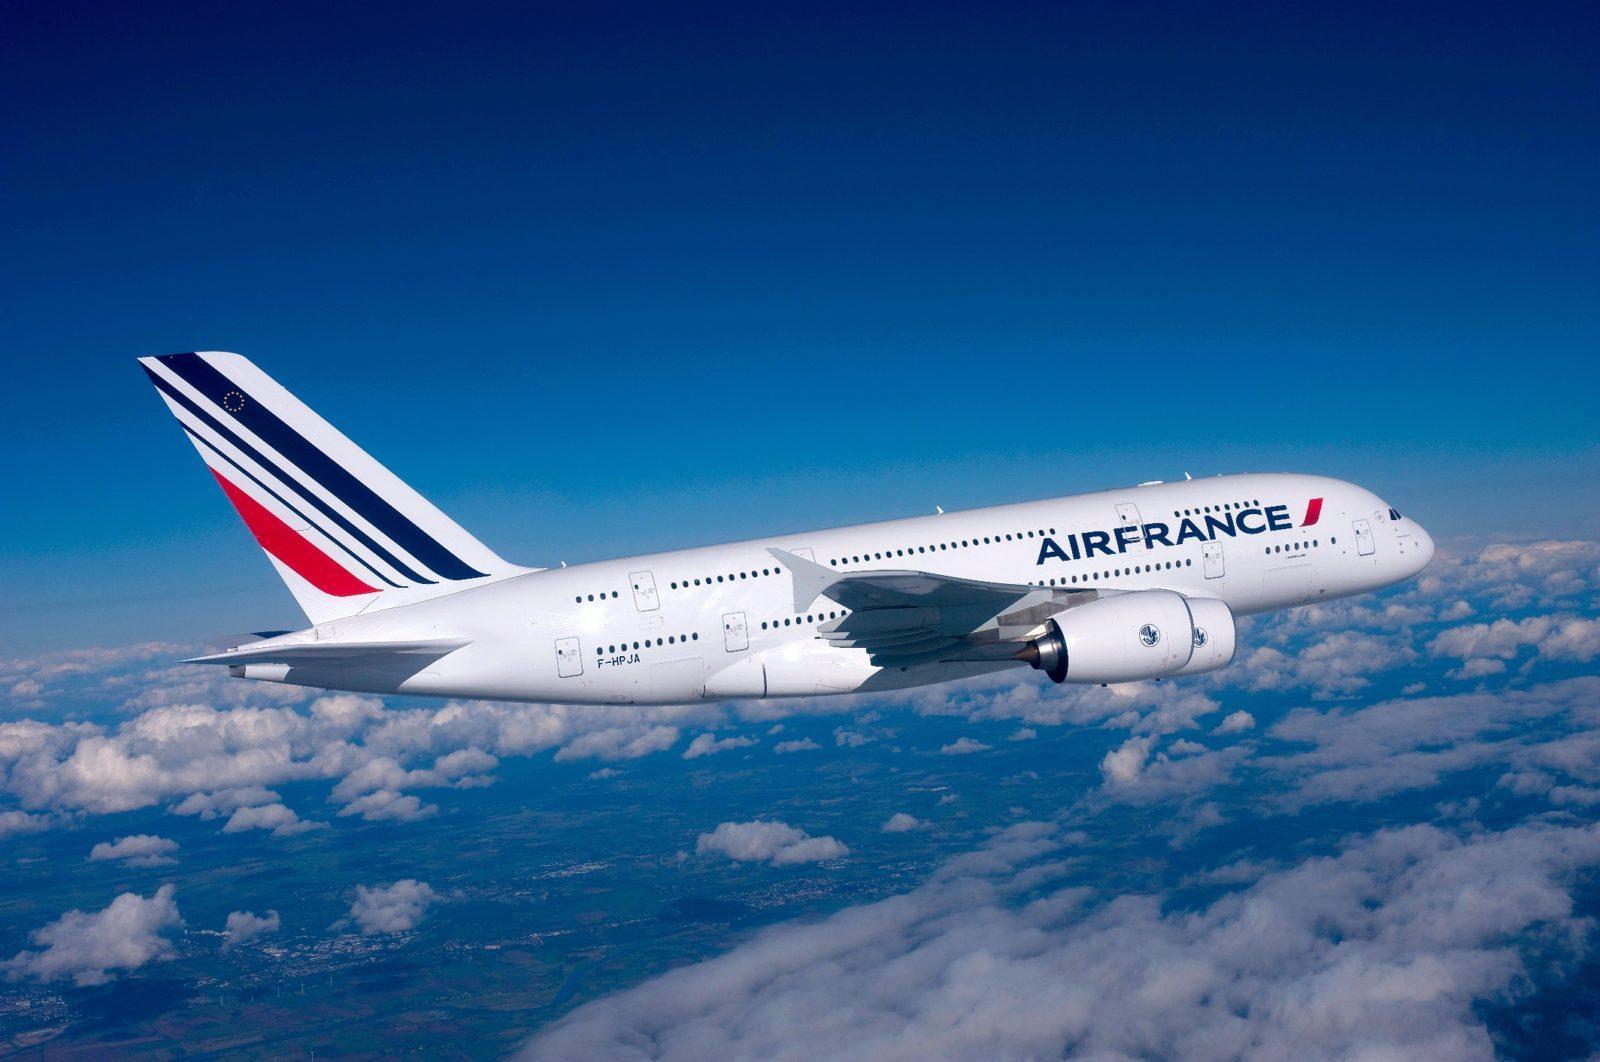 airfrance - ავიაკომპანია ეარ ფრანს - Air France